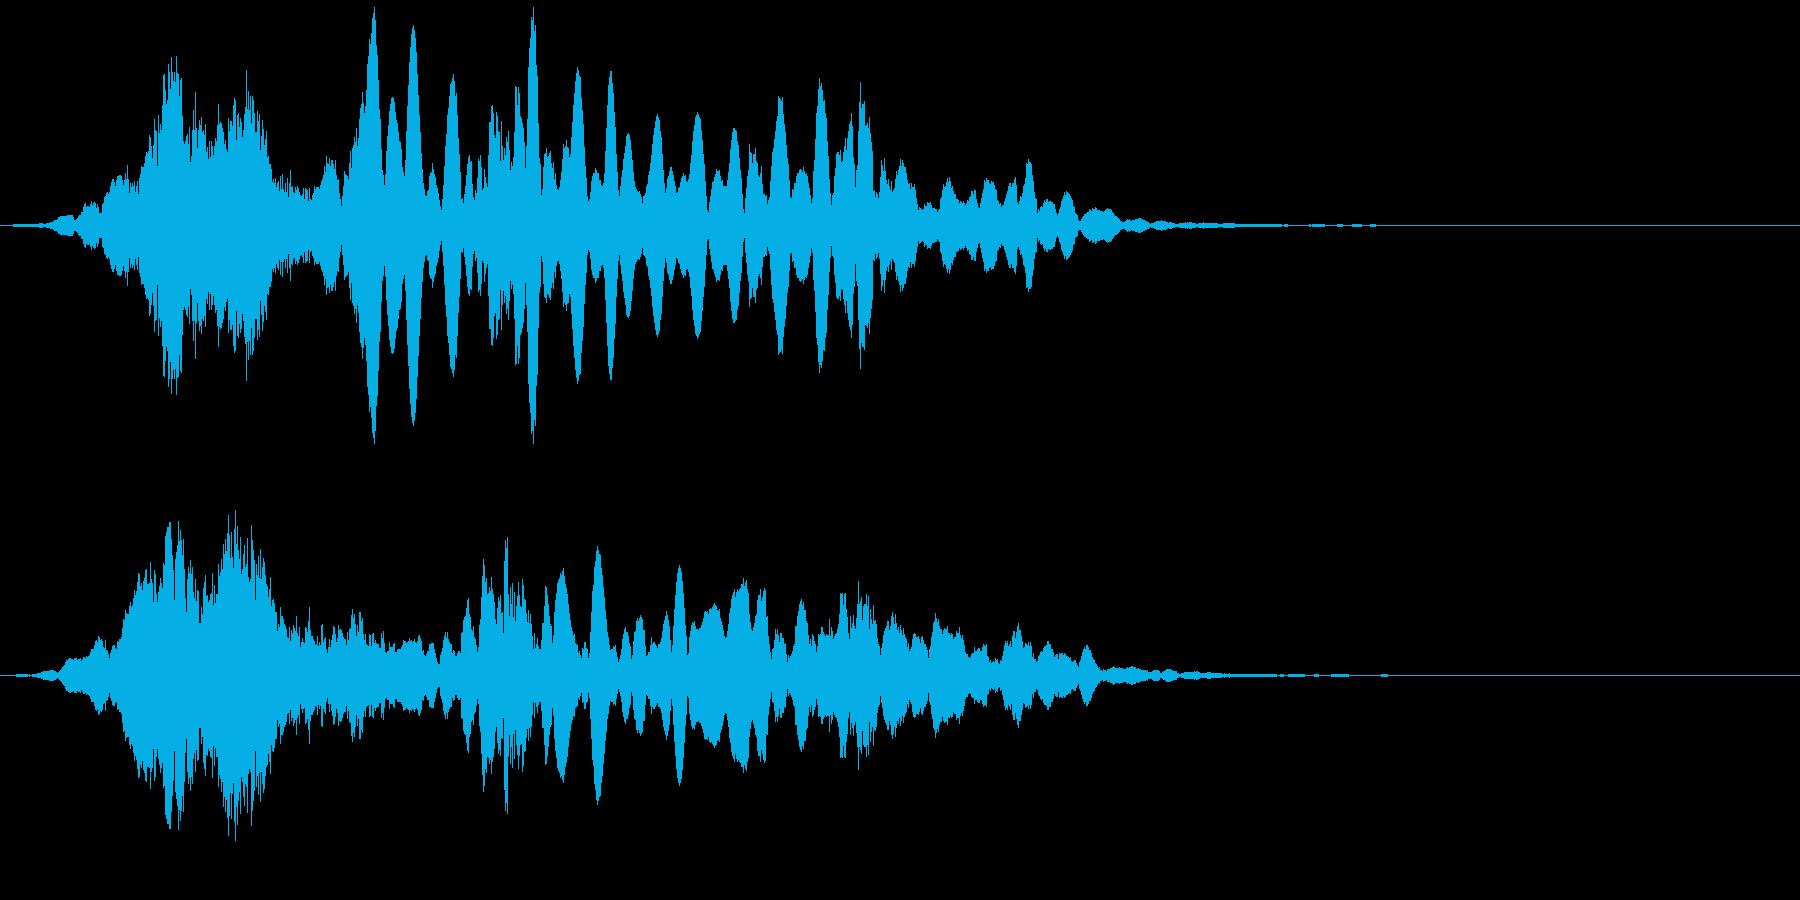 【アンビエント】ベル_移り変わりの再生済みの波形